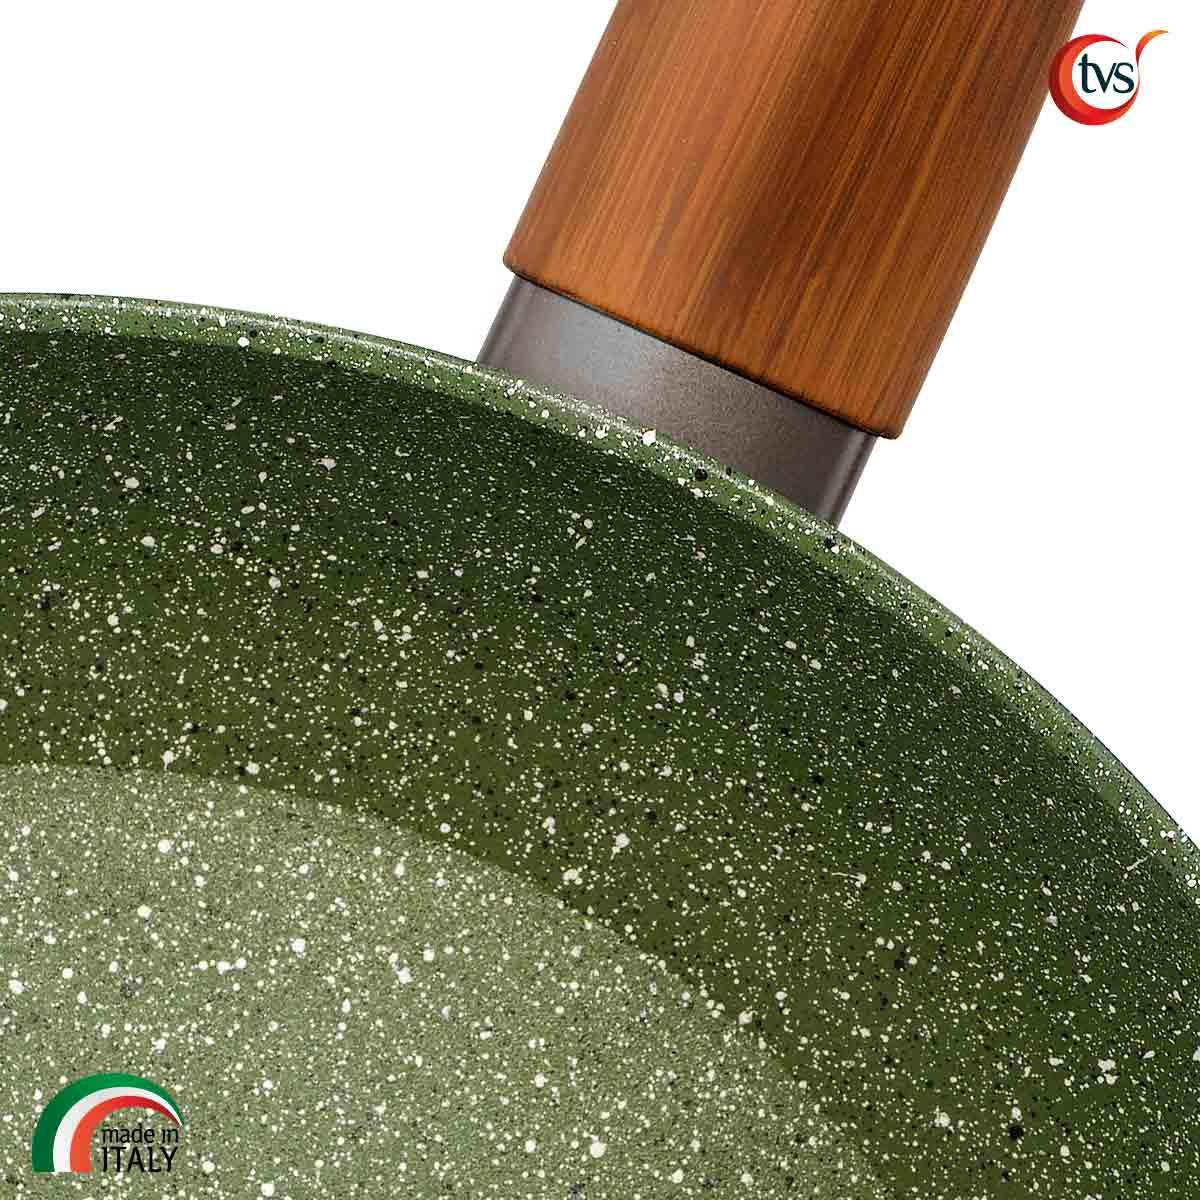 Sartén italiana de aluminio con recubrimiento vegetal ecológica marca TVS